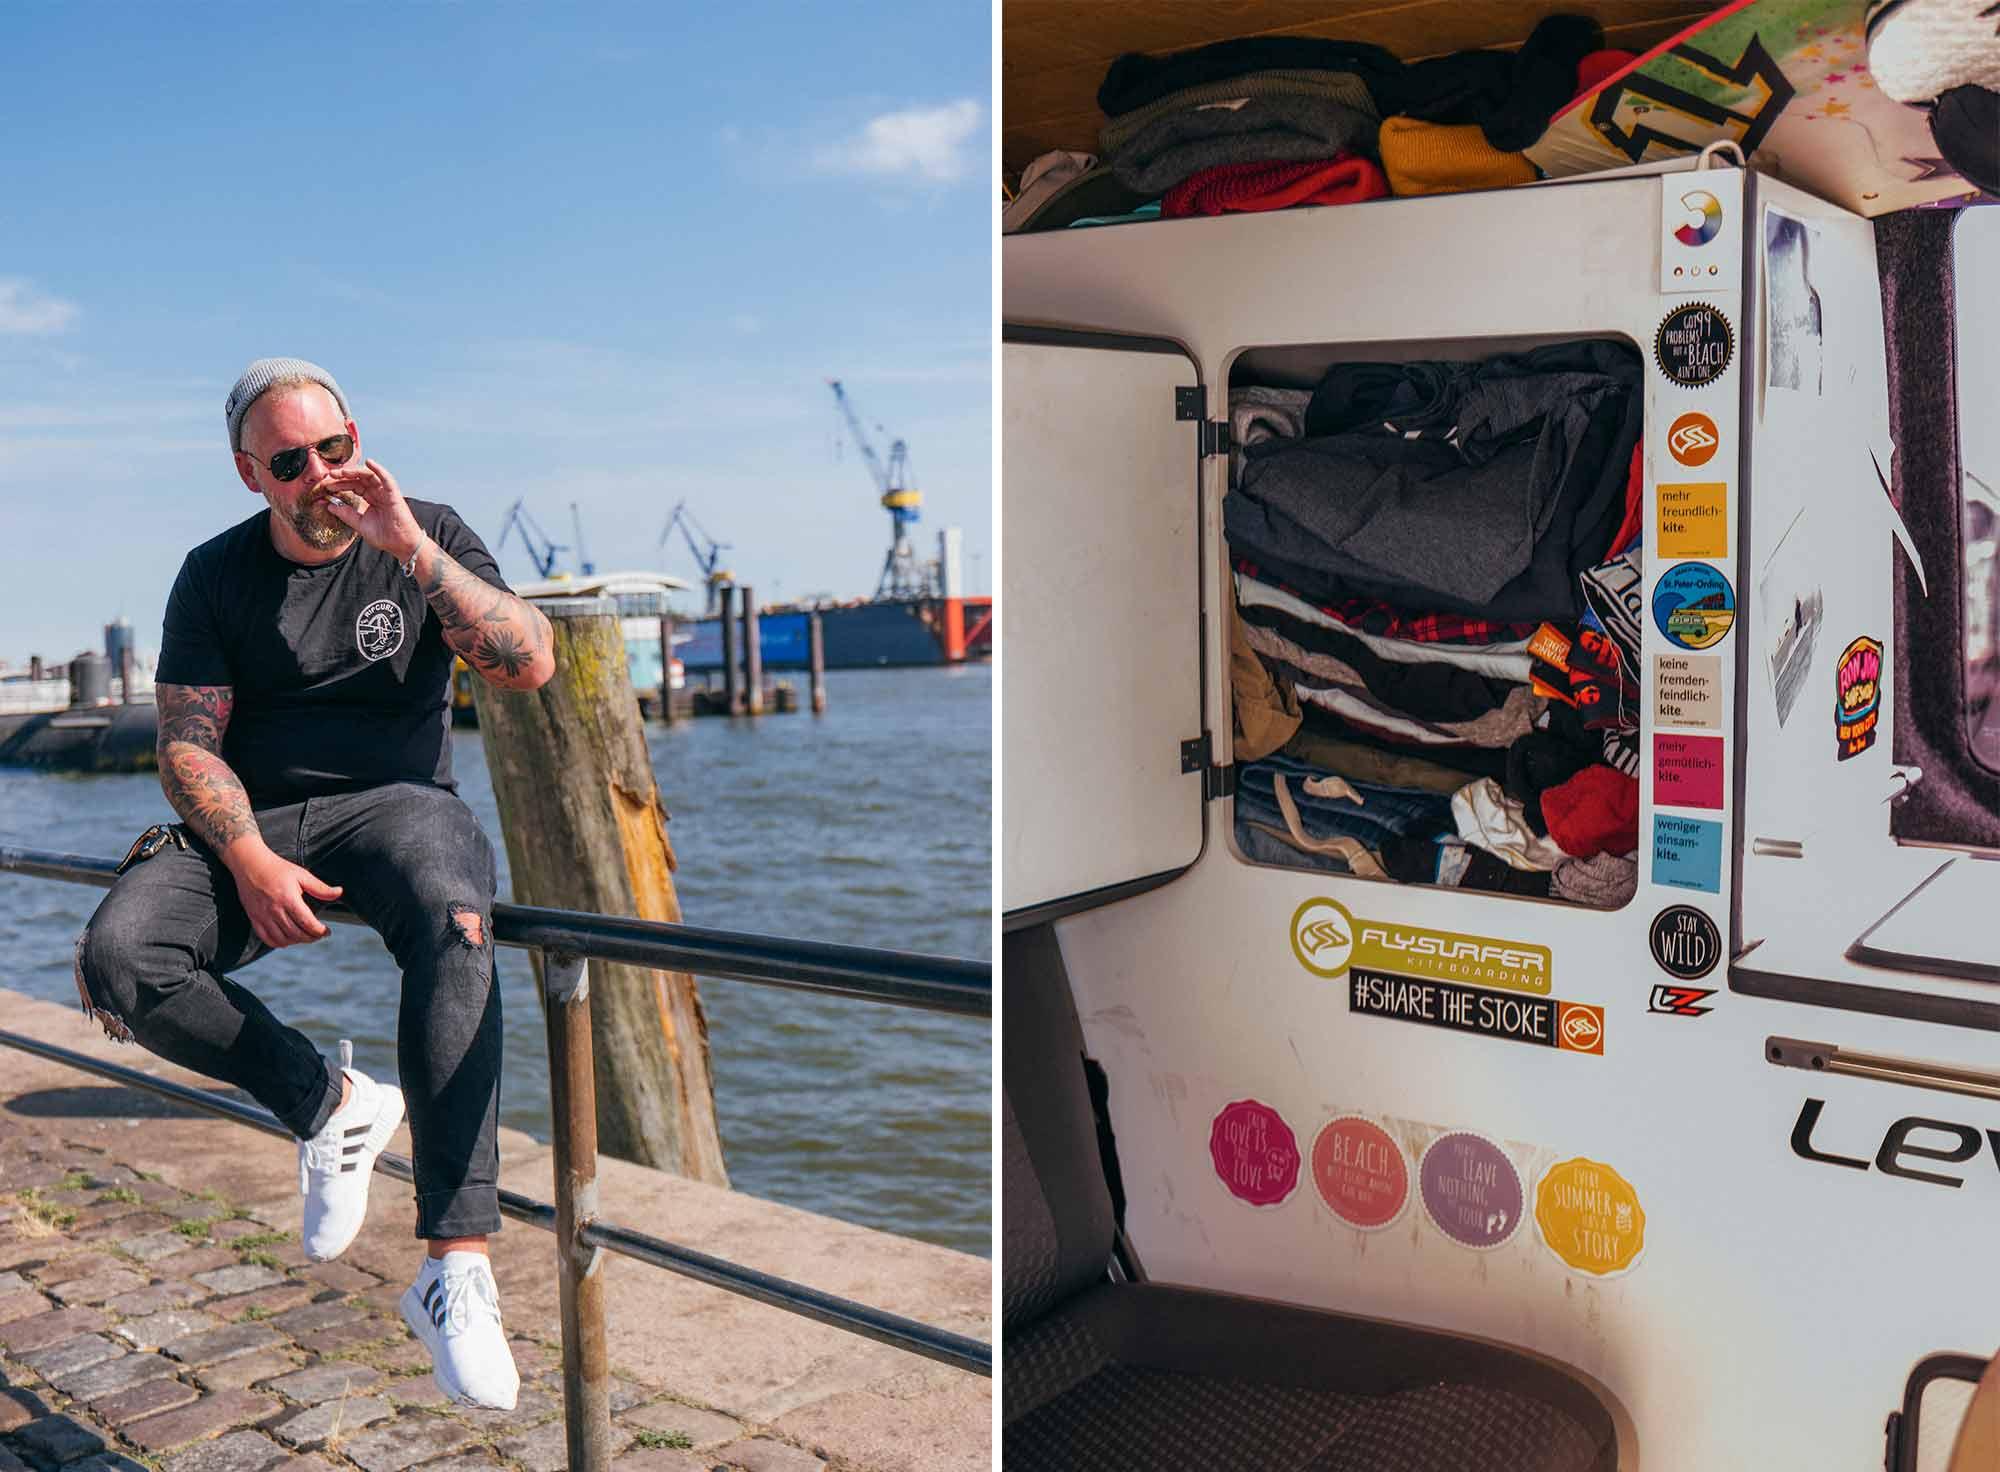 homtastics-janfischer-vw-transporter-hamburg-hafen-fischmarkt-elbe-camping-surfen